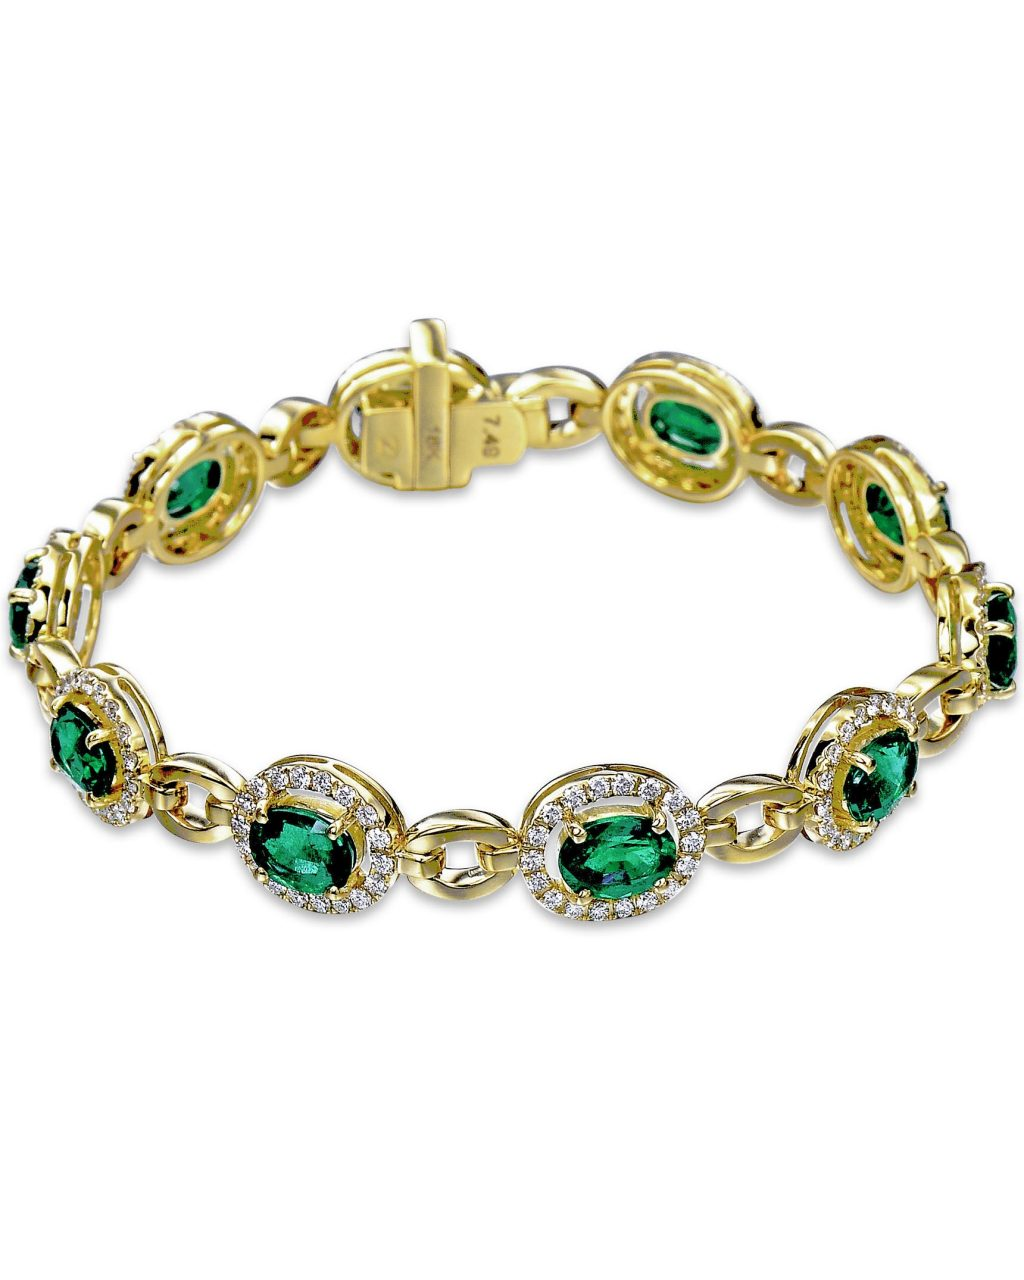 Zambian Emerald and Diamond Yellow Gold Bracelet